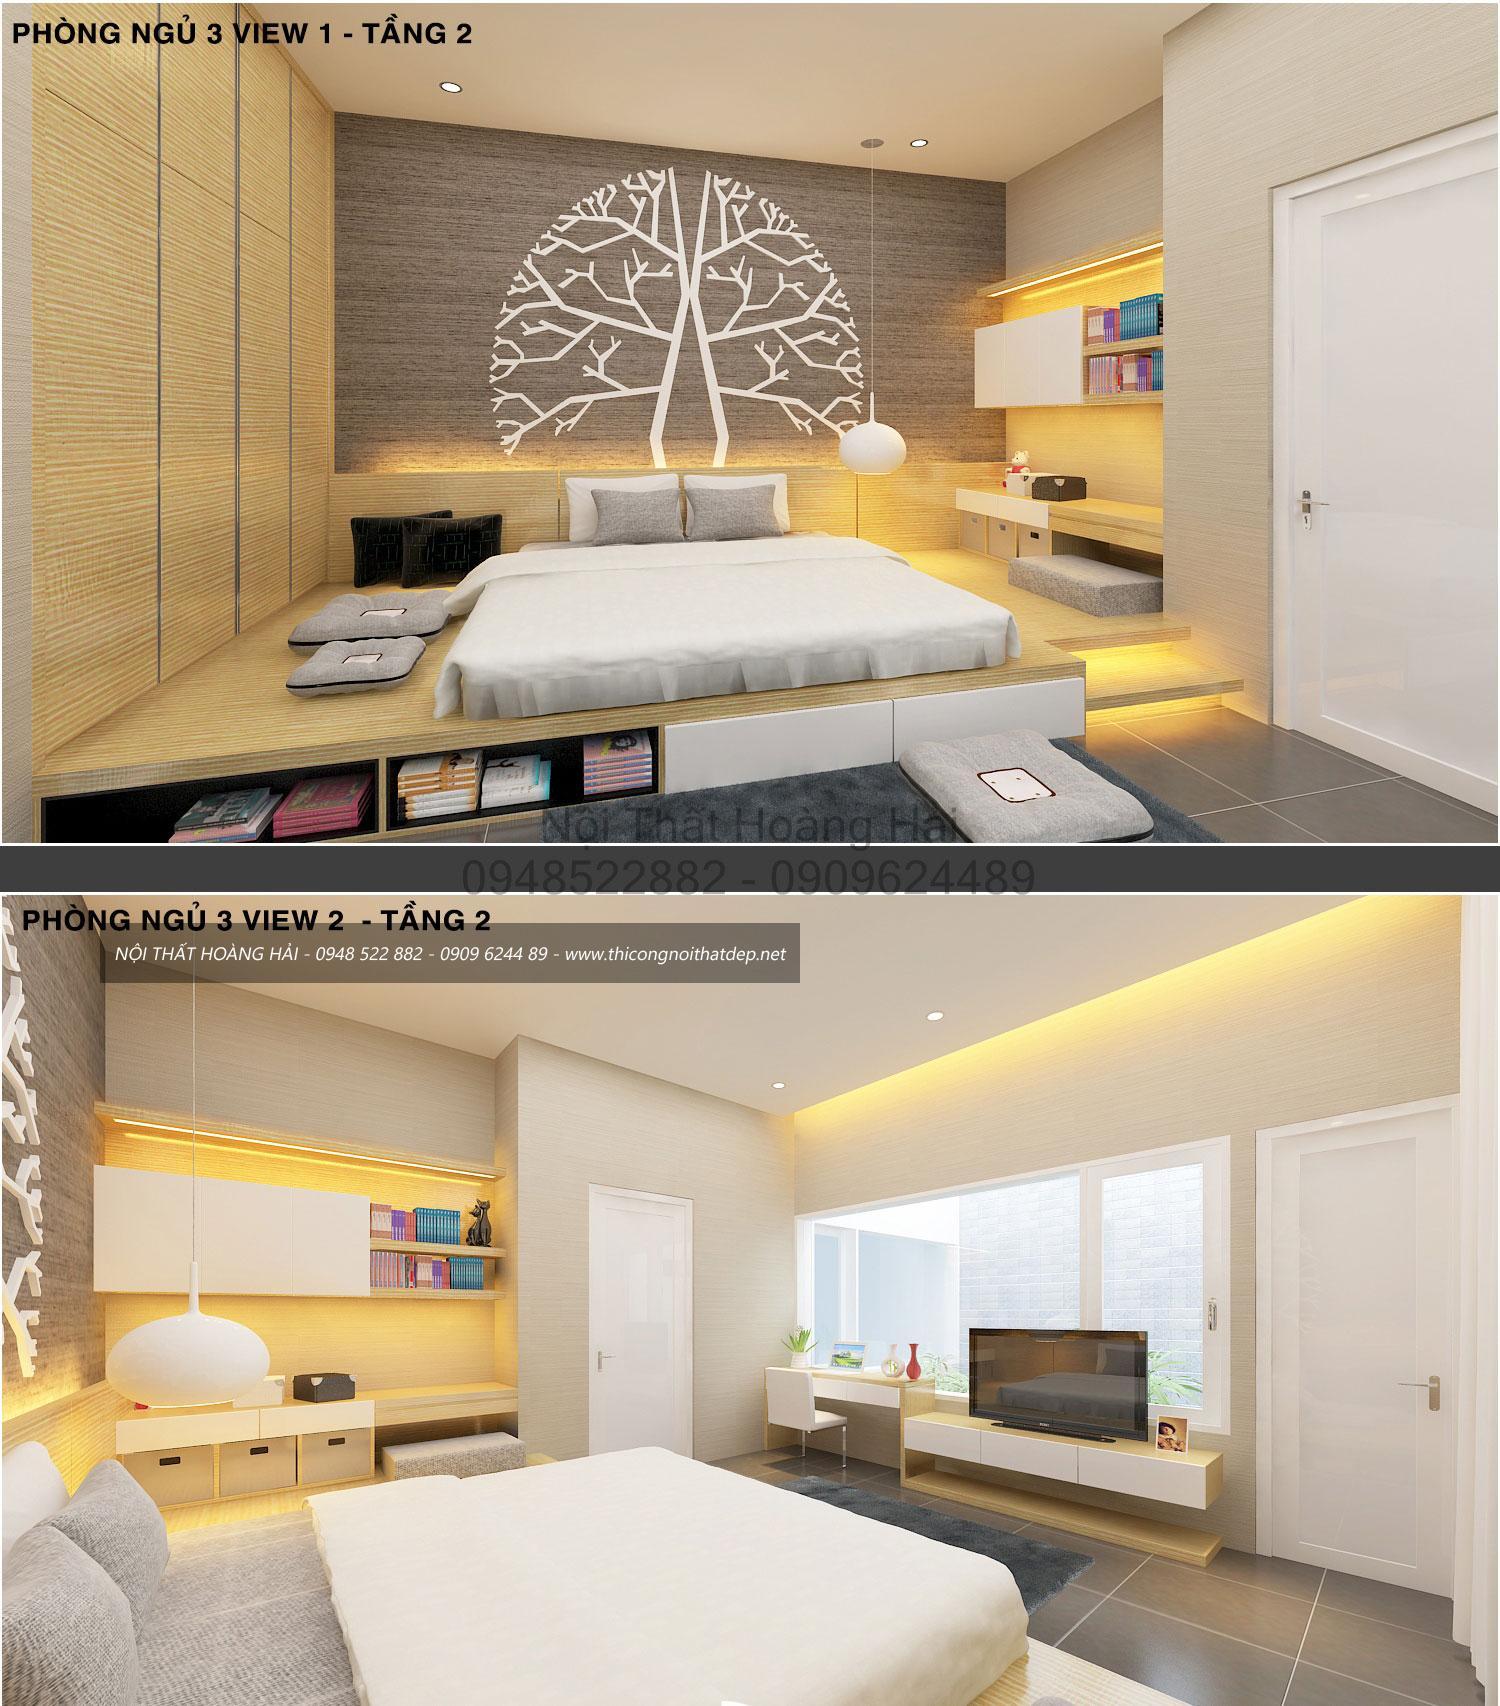 nội thất phòng ngủ nhà anh Bình 3